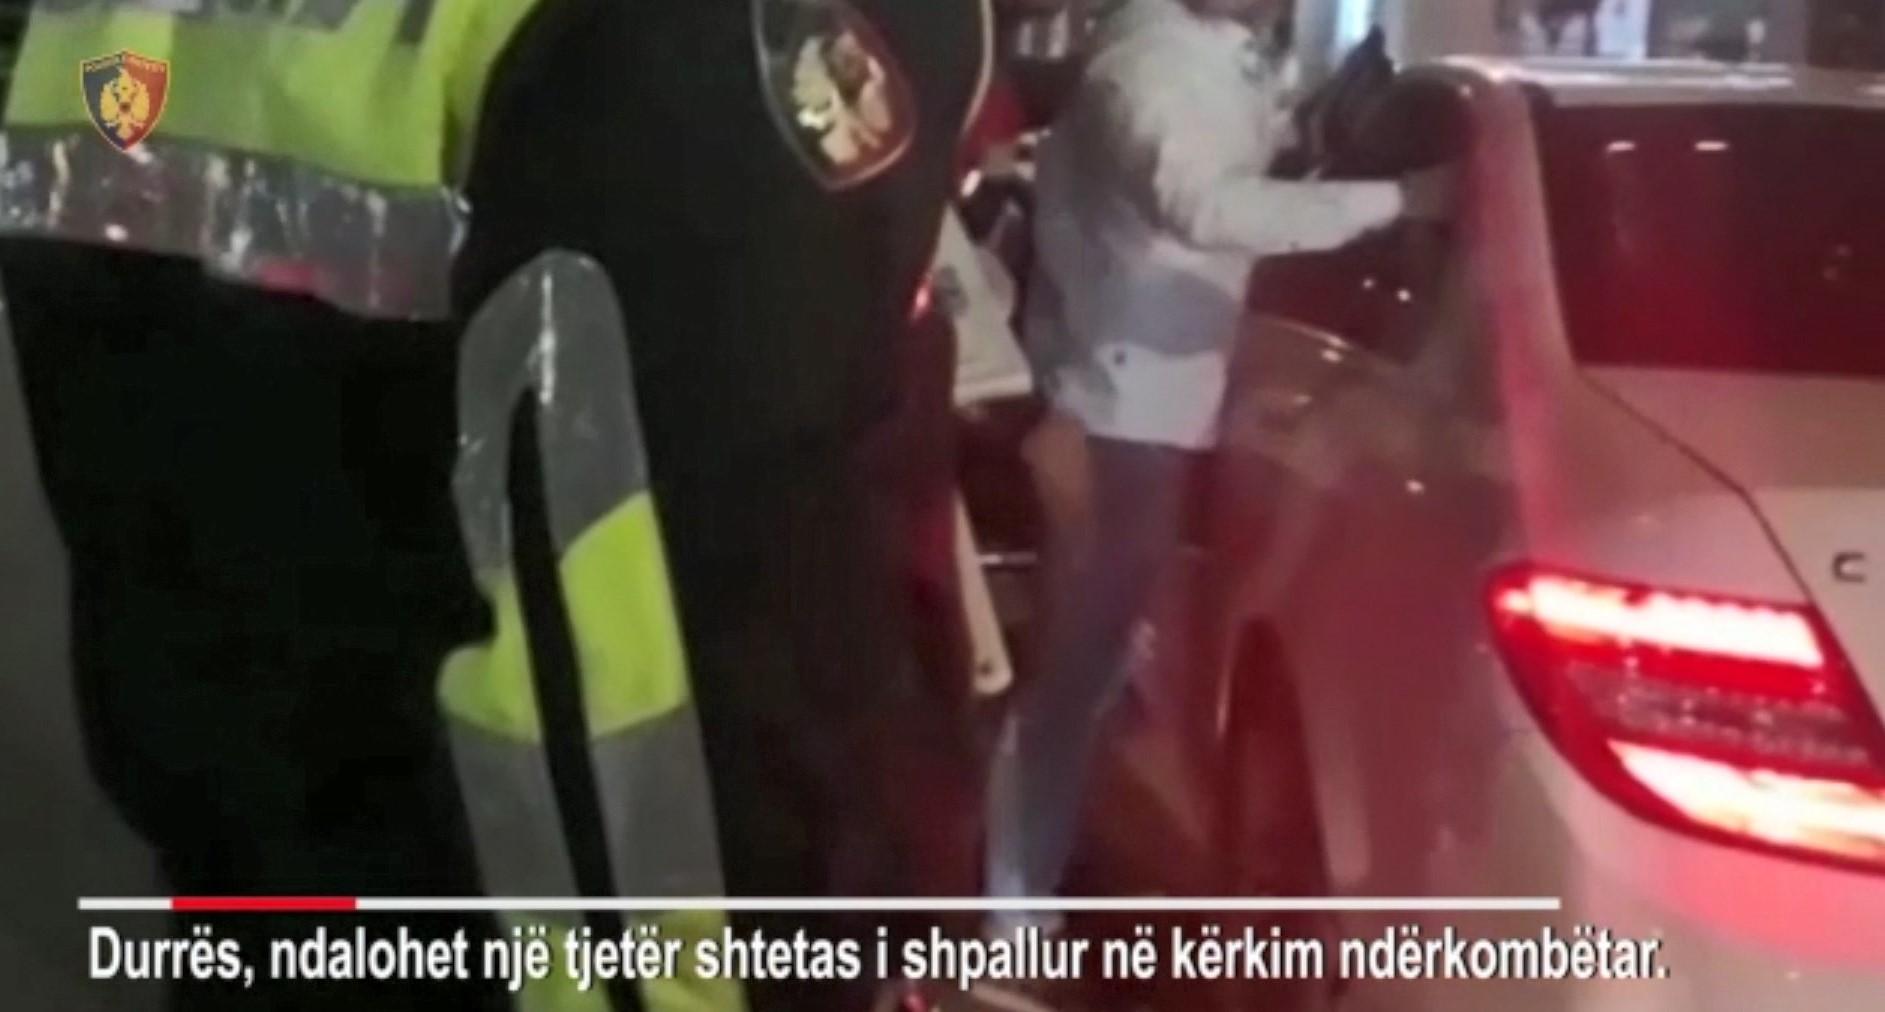 Durrës/ Kapet i kërkuari me 3 emra dhe i dënuar në Romë për heroinë